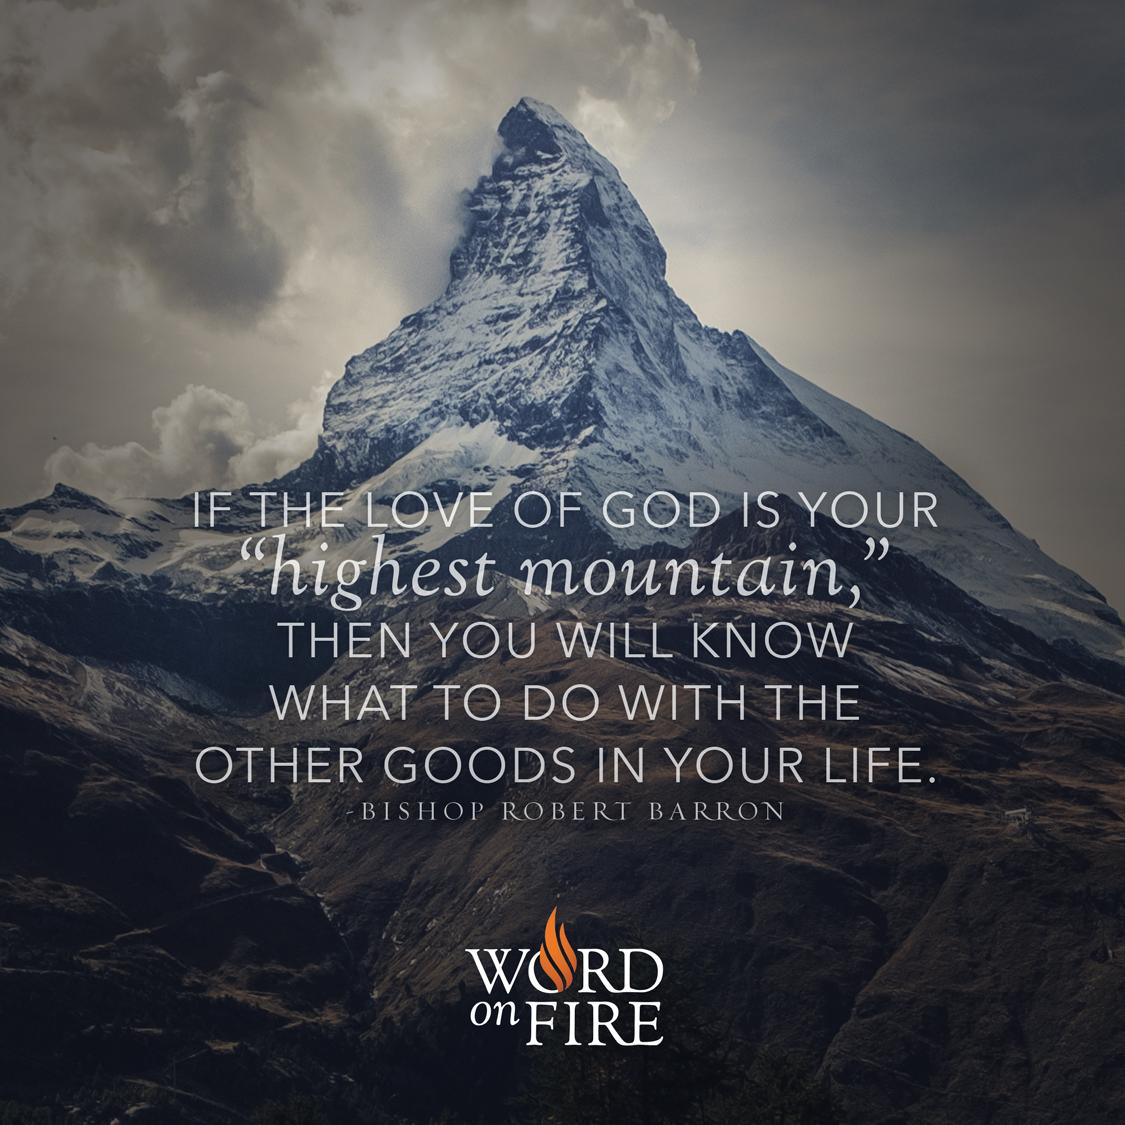 prayergraphic_homily11-27-16